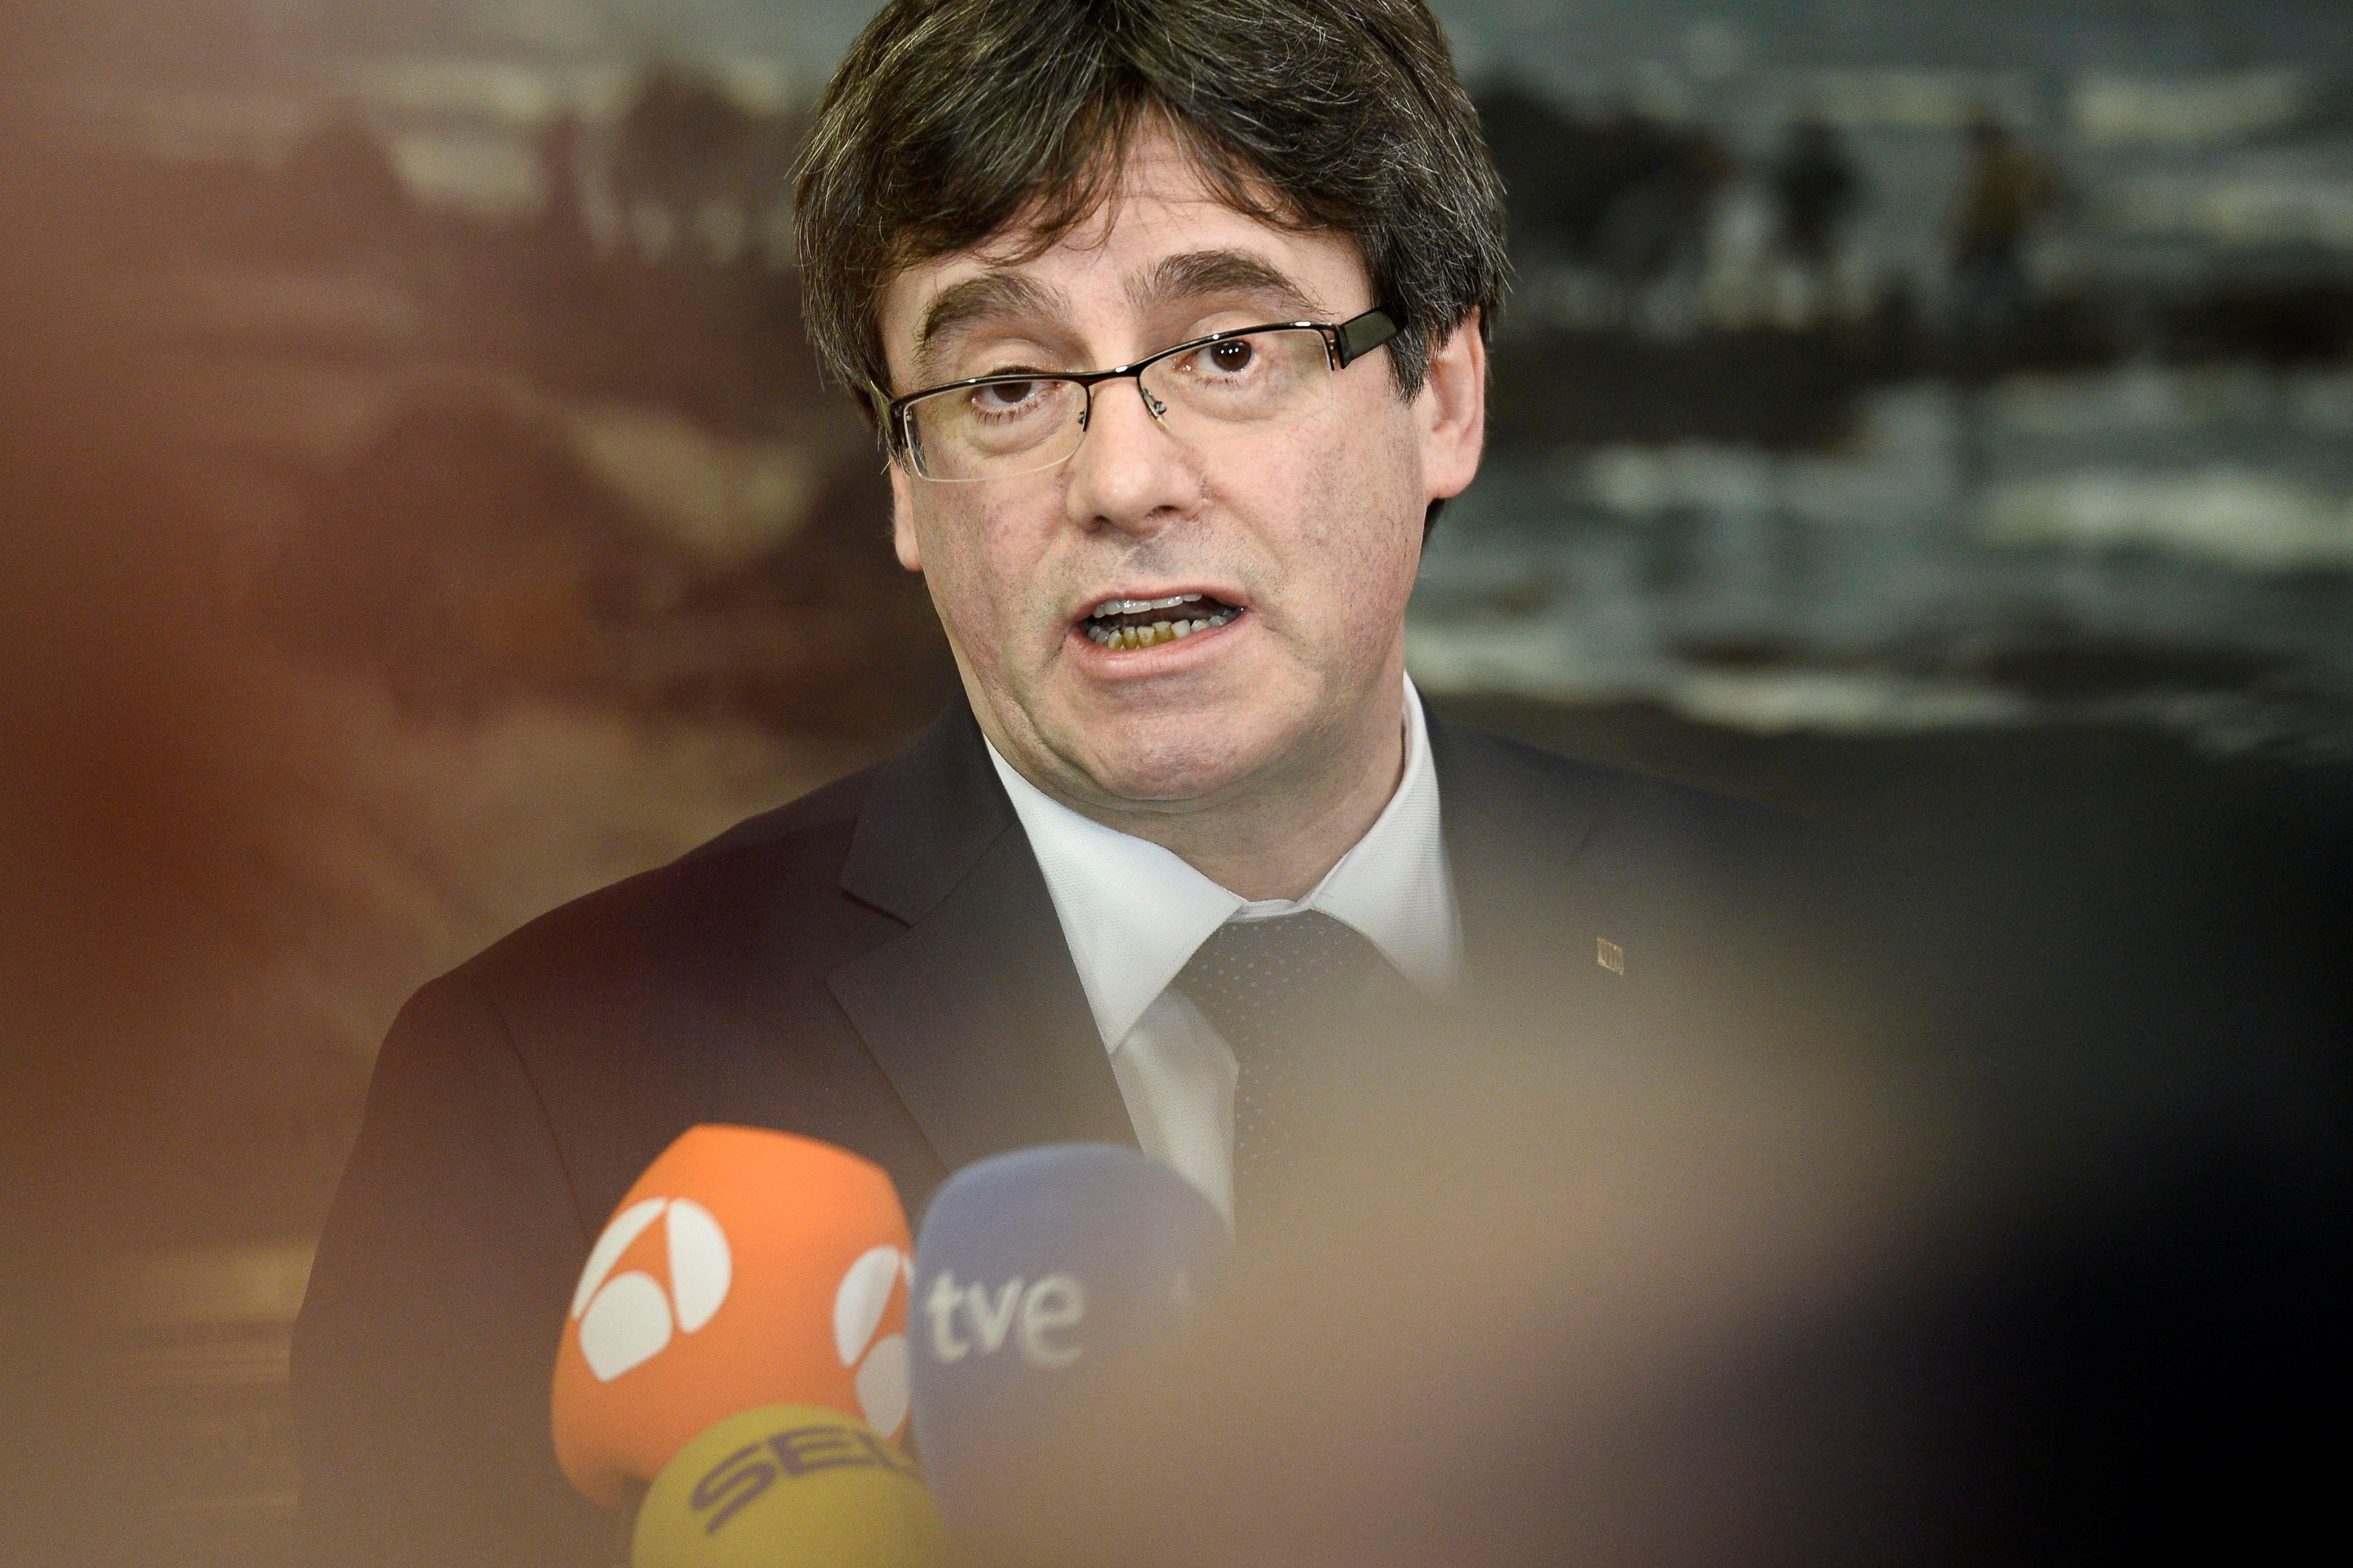 Σε ετοιμότητα οι ισπανικές αρχές για τη σύλληψη του Πουζντεμόν αν επιστρέψει στη